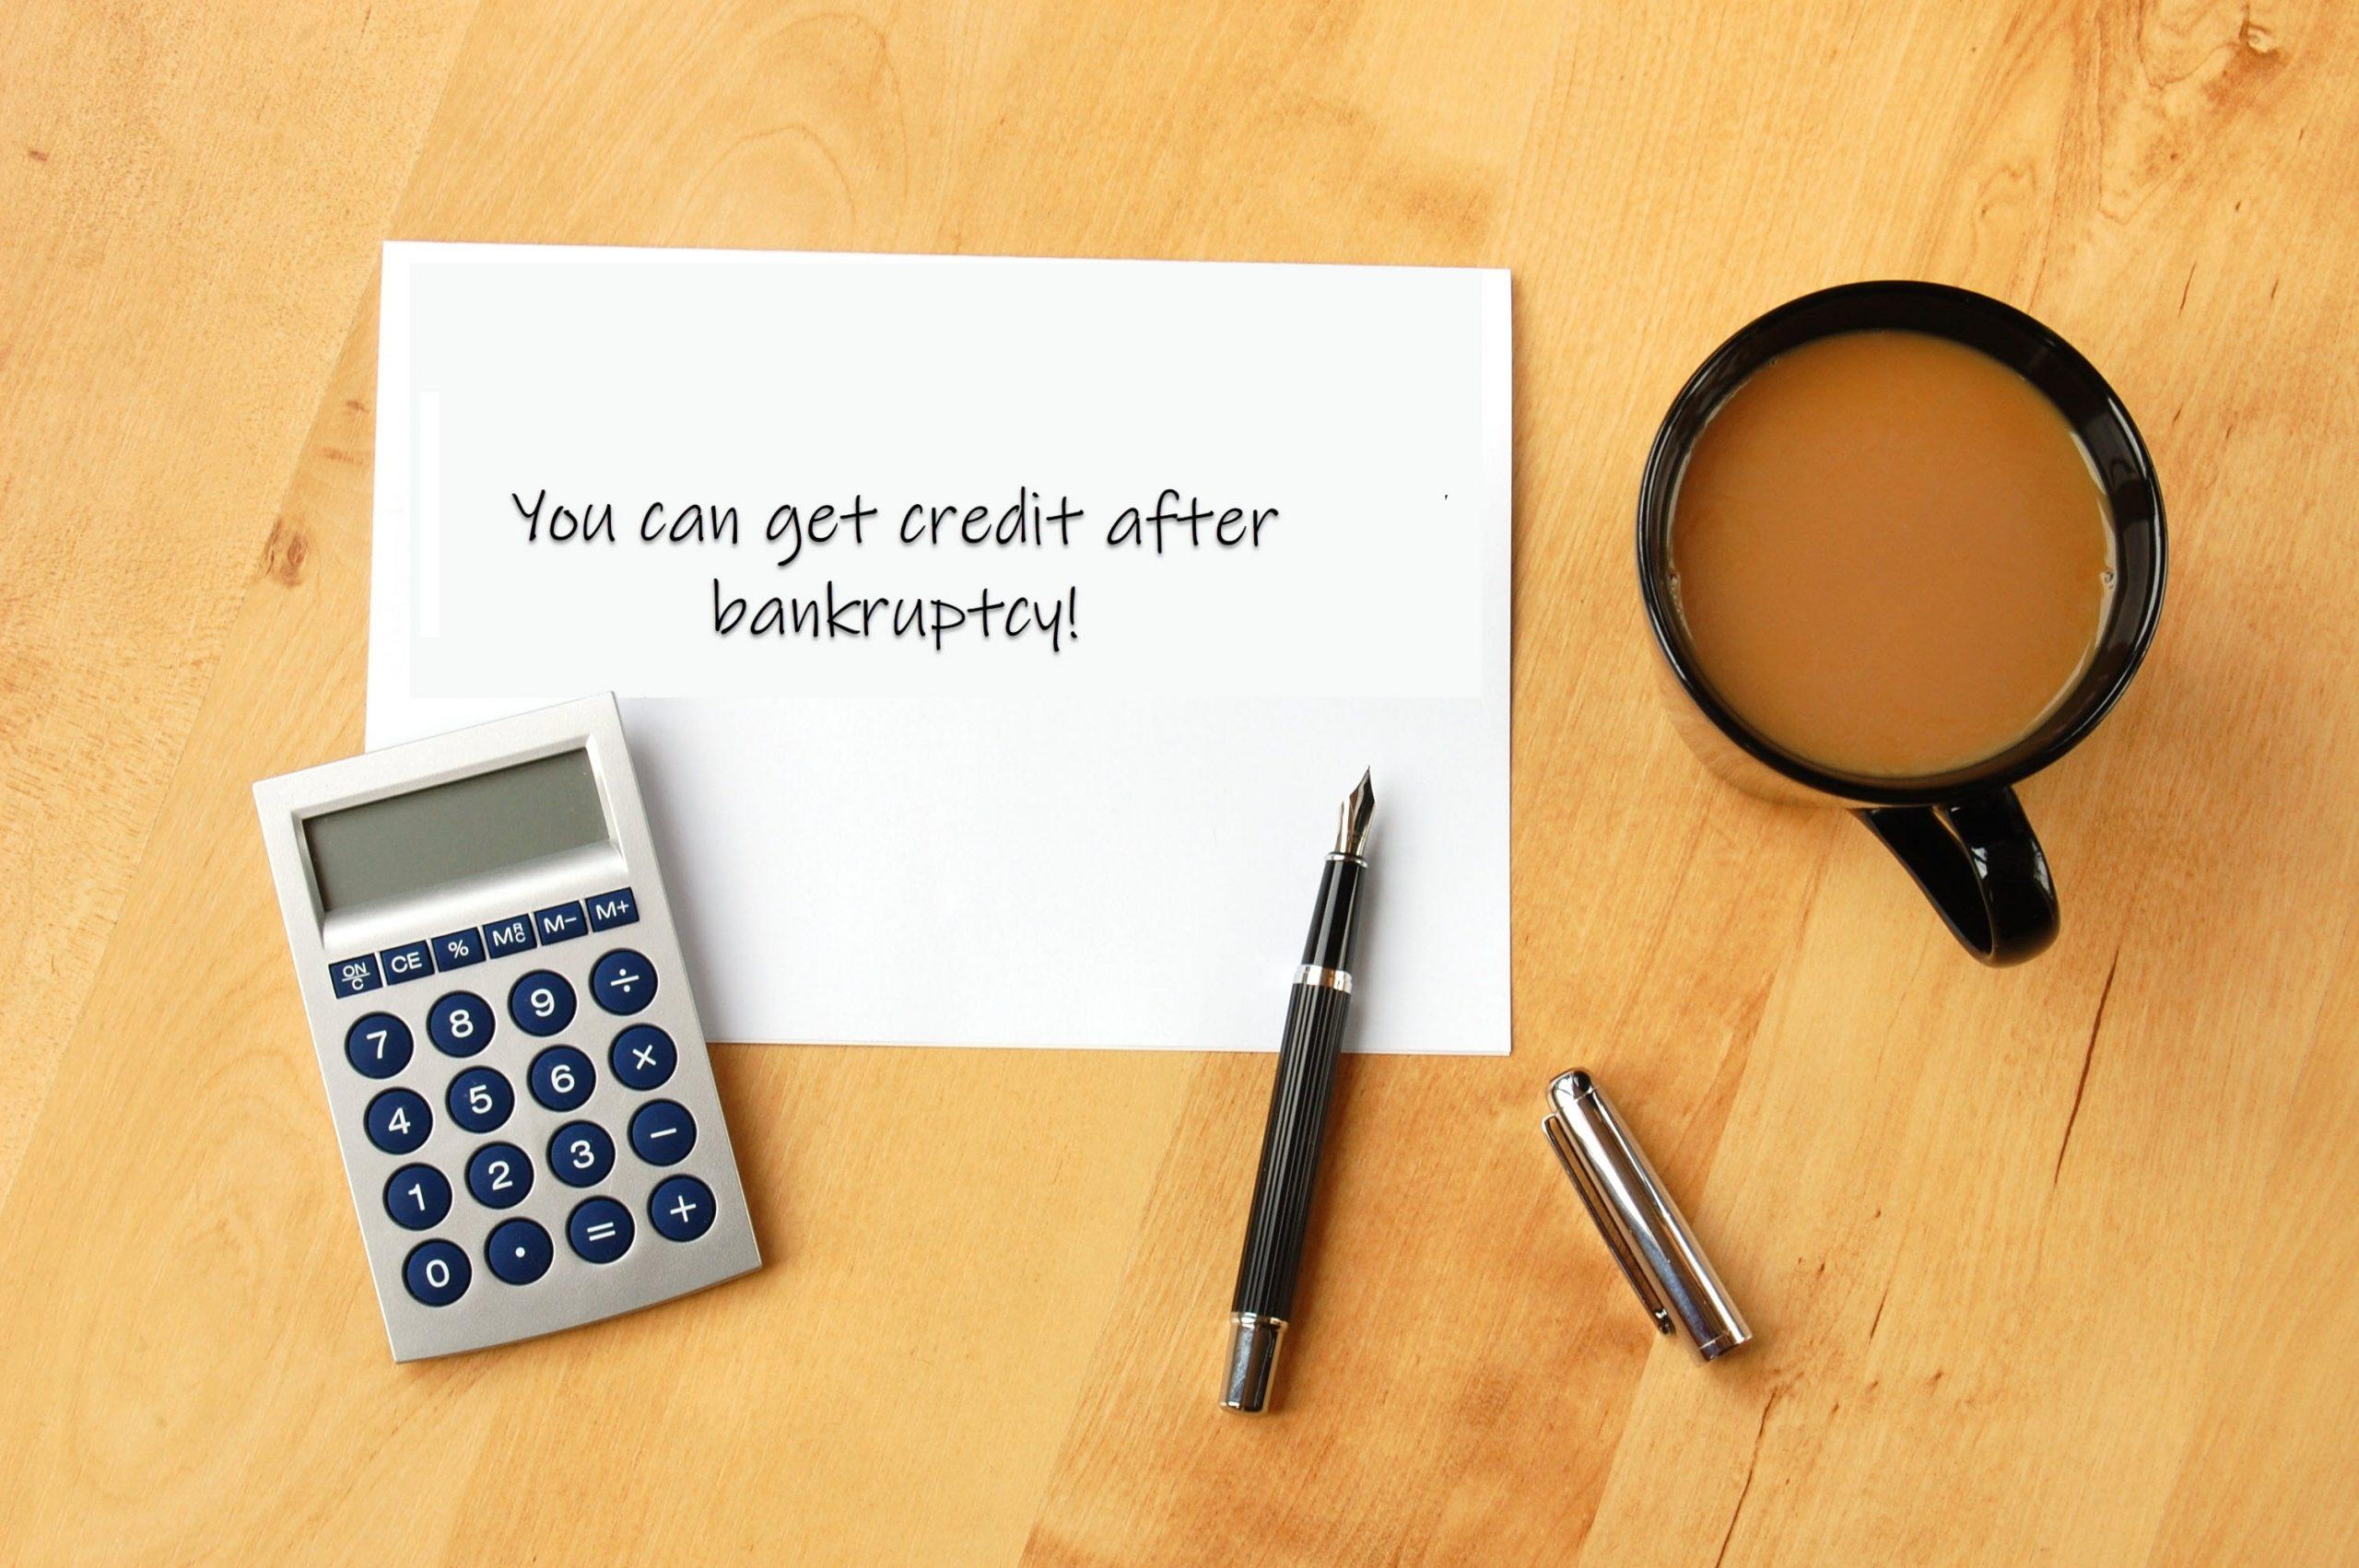 Get Credit After Bankruptcy